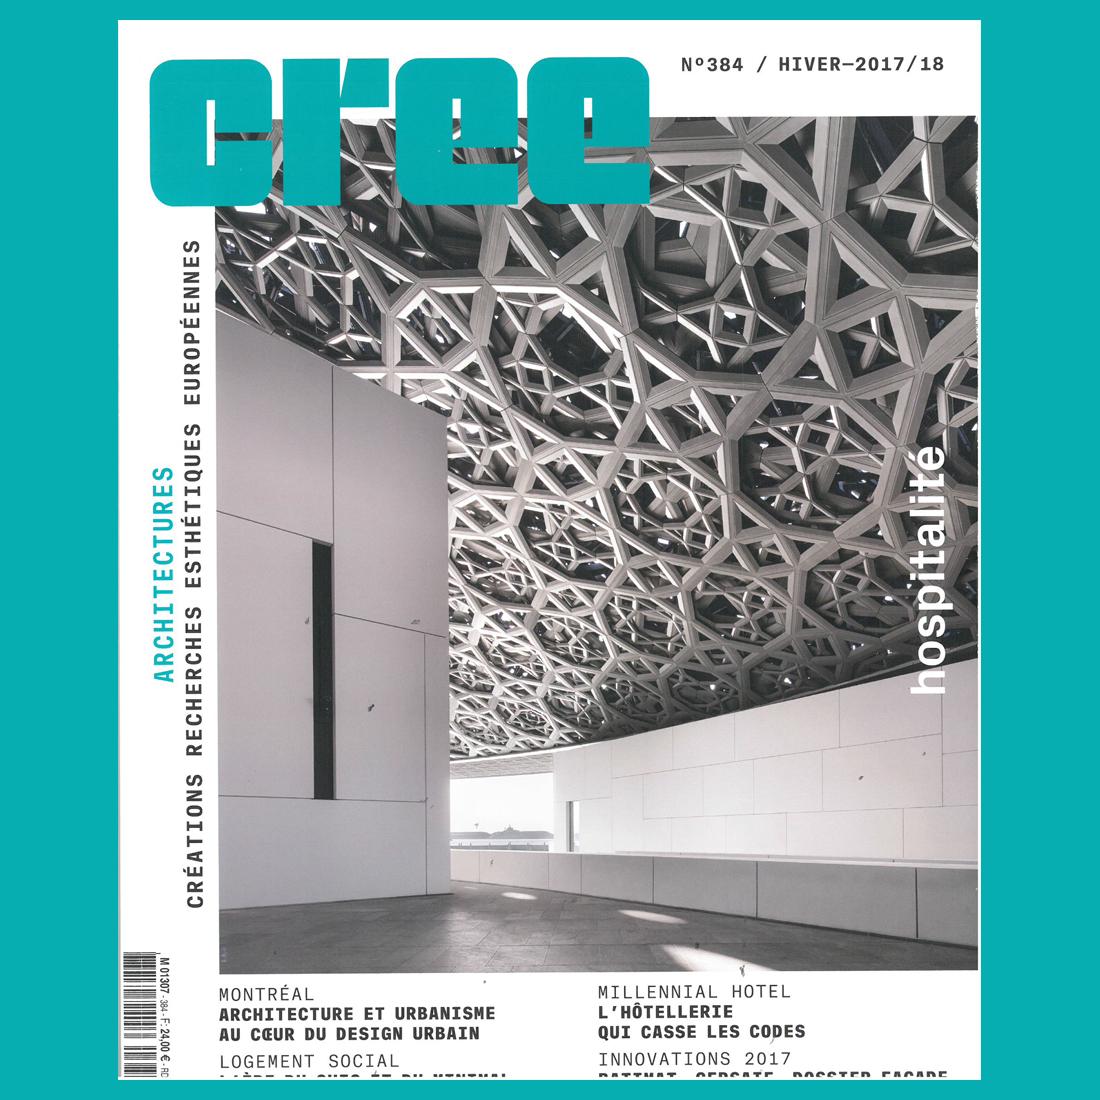 CREE N°384 / HIVER-2017/18 | Brenac & Gonzalez et Associés